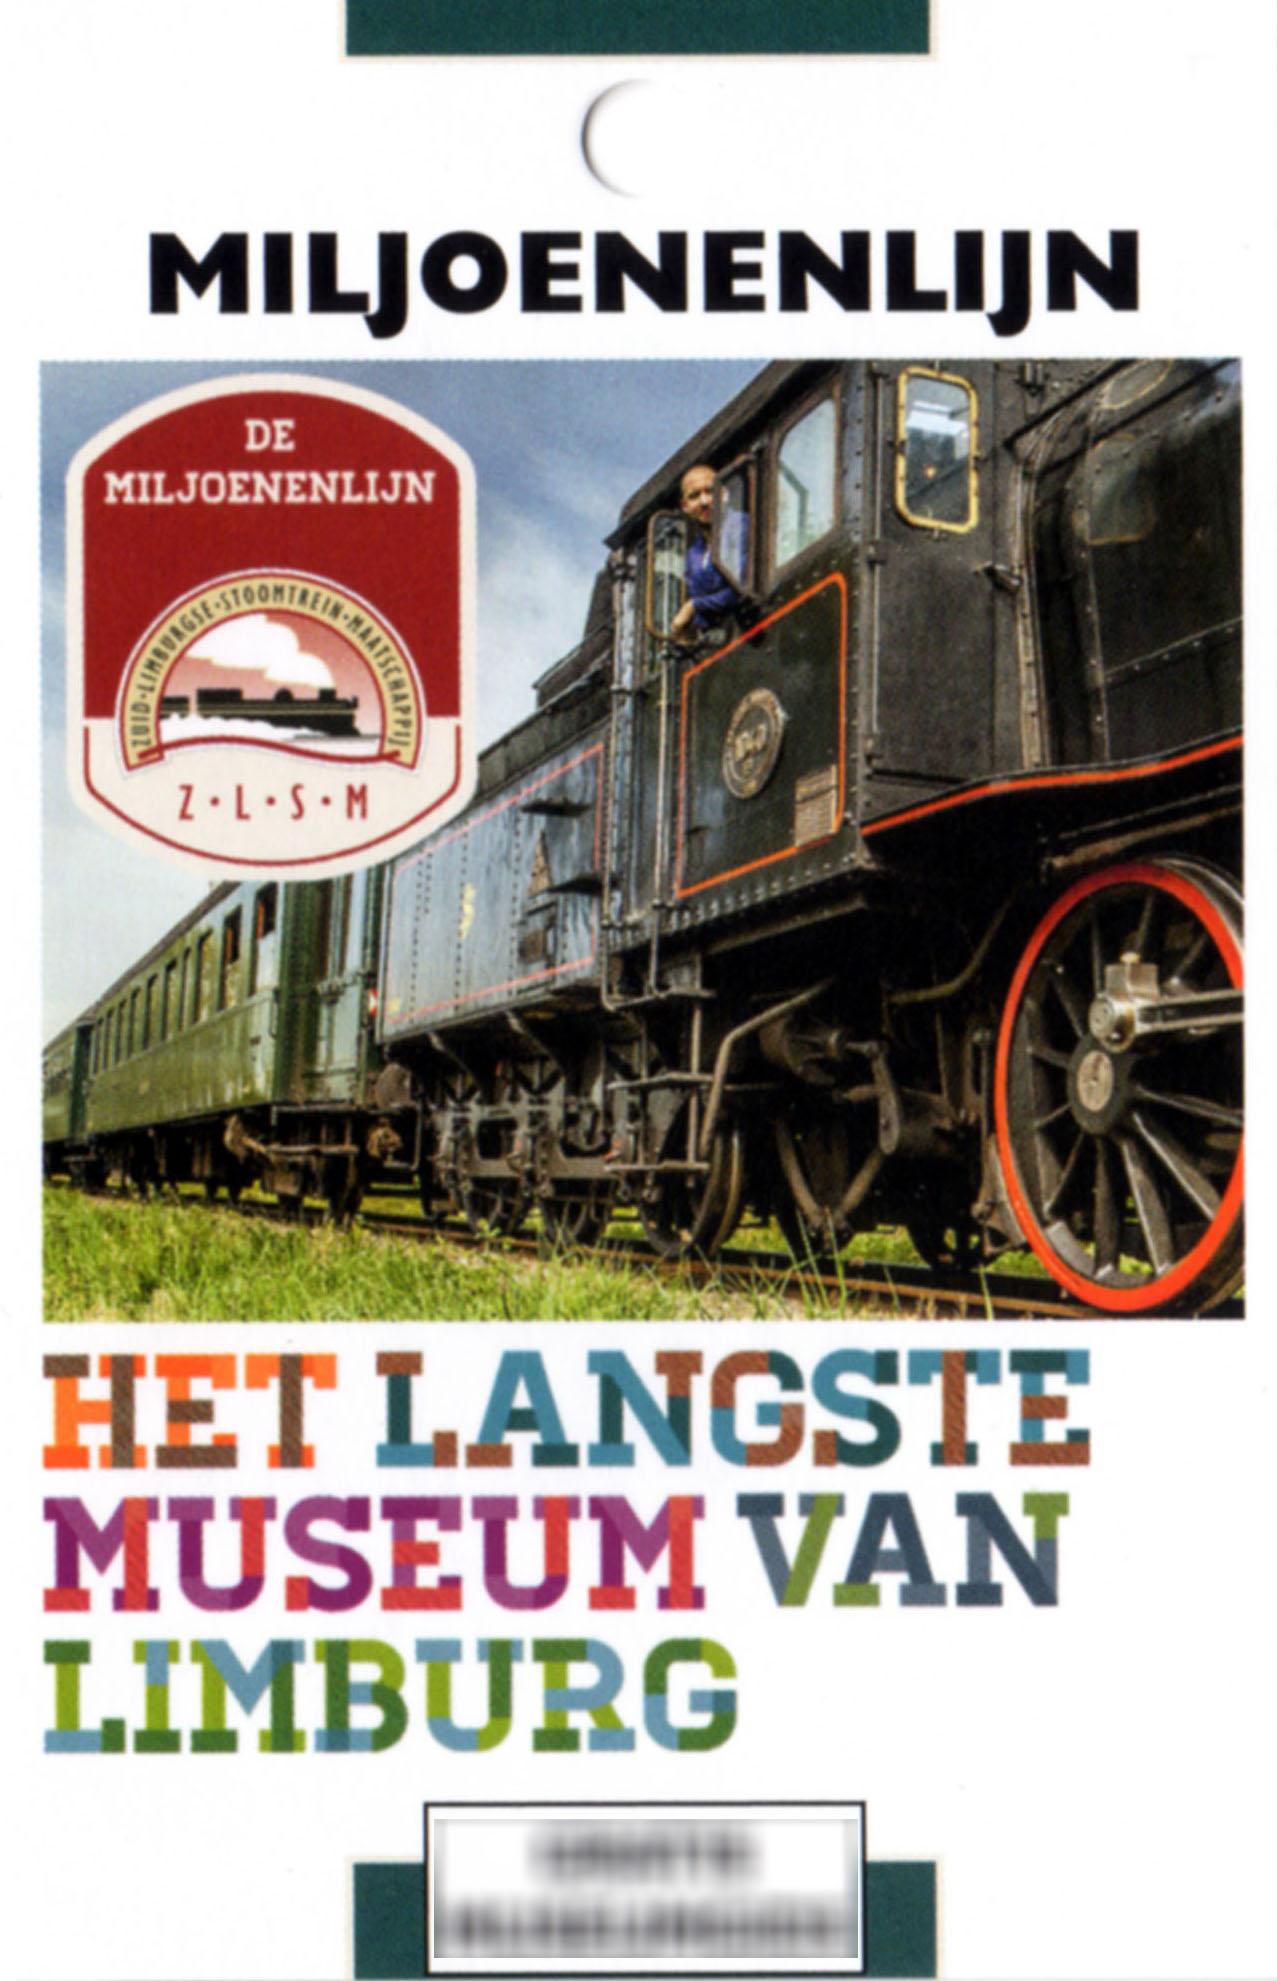 Spoorwegmuseum De Miljoenenlijn